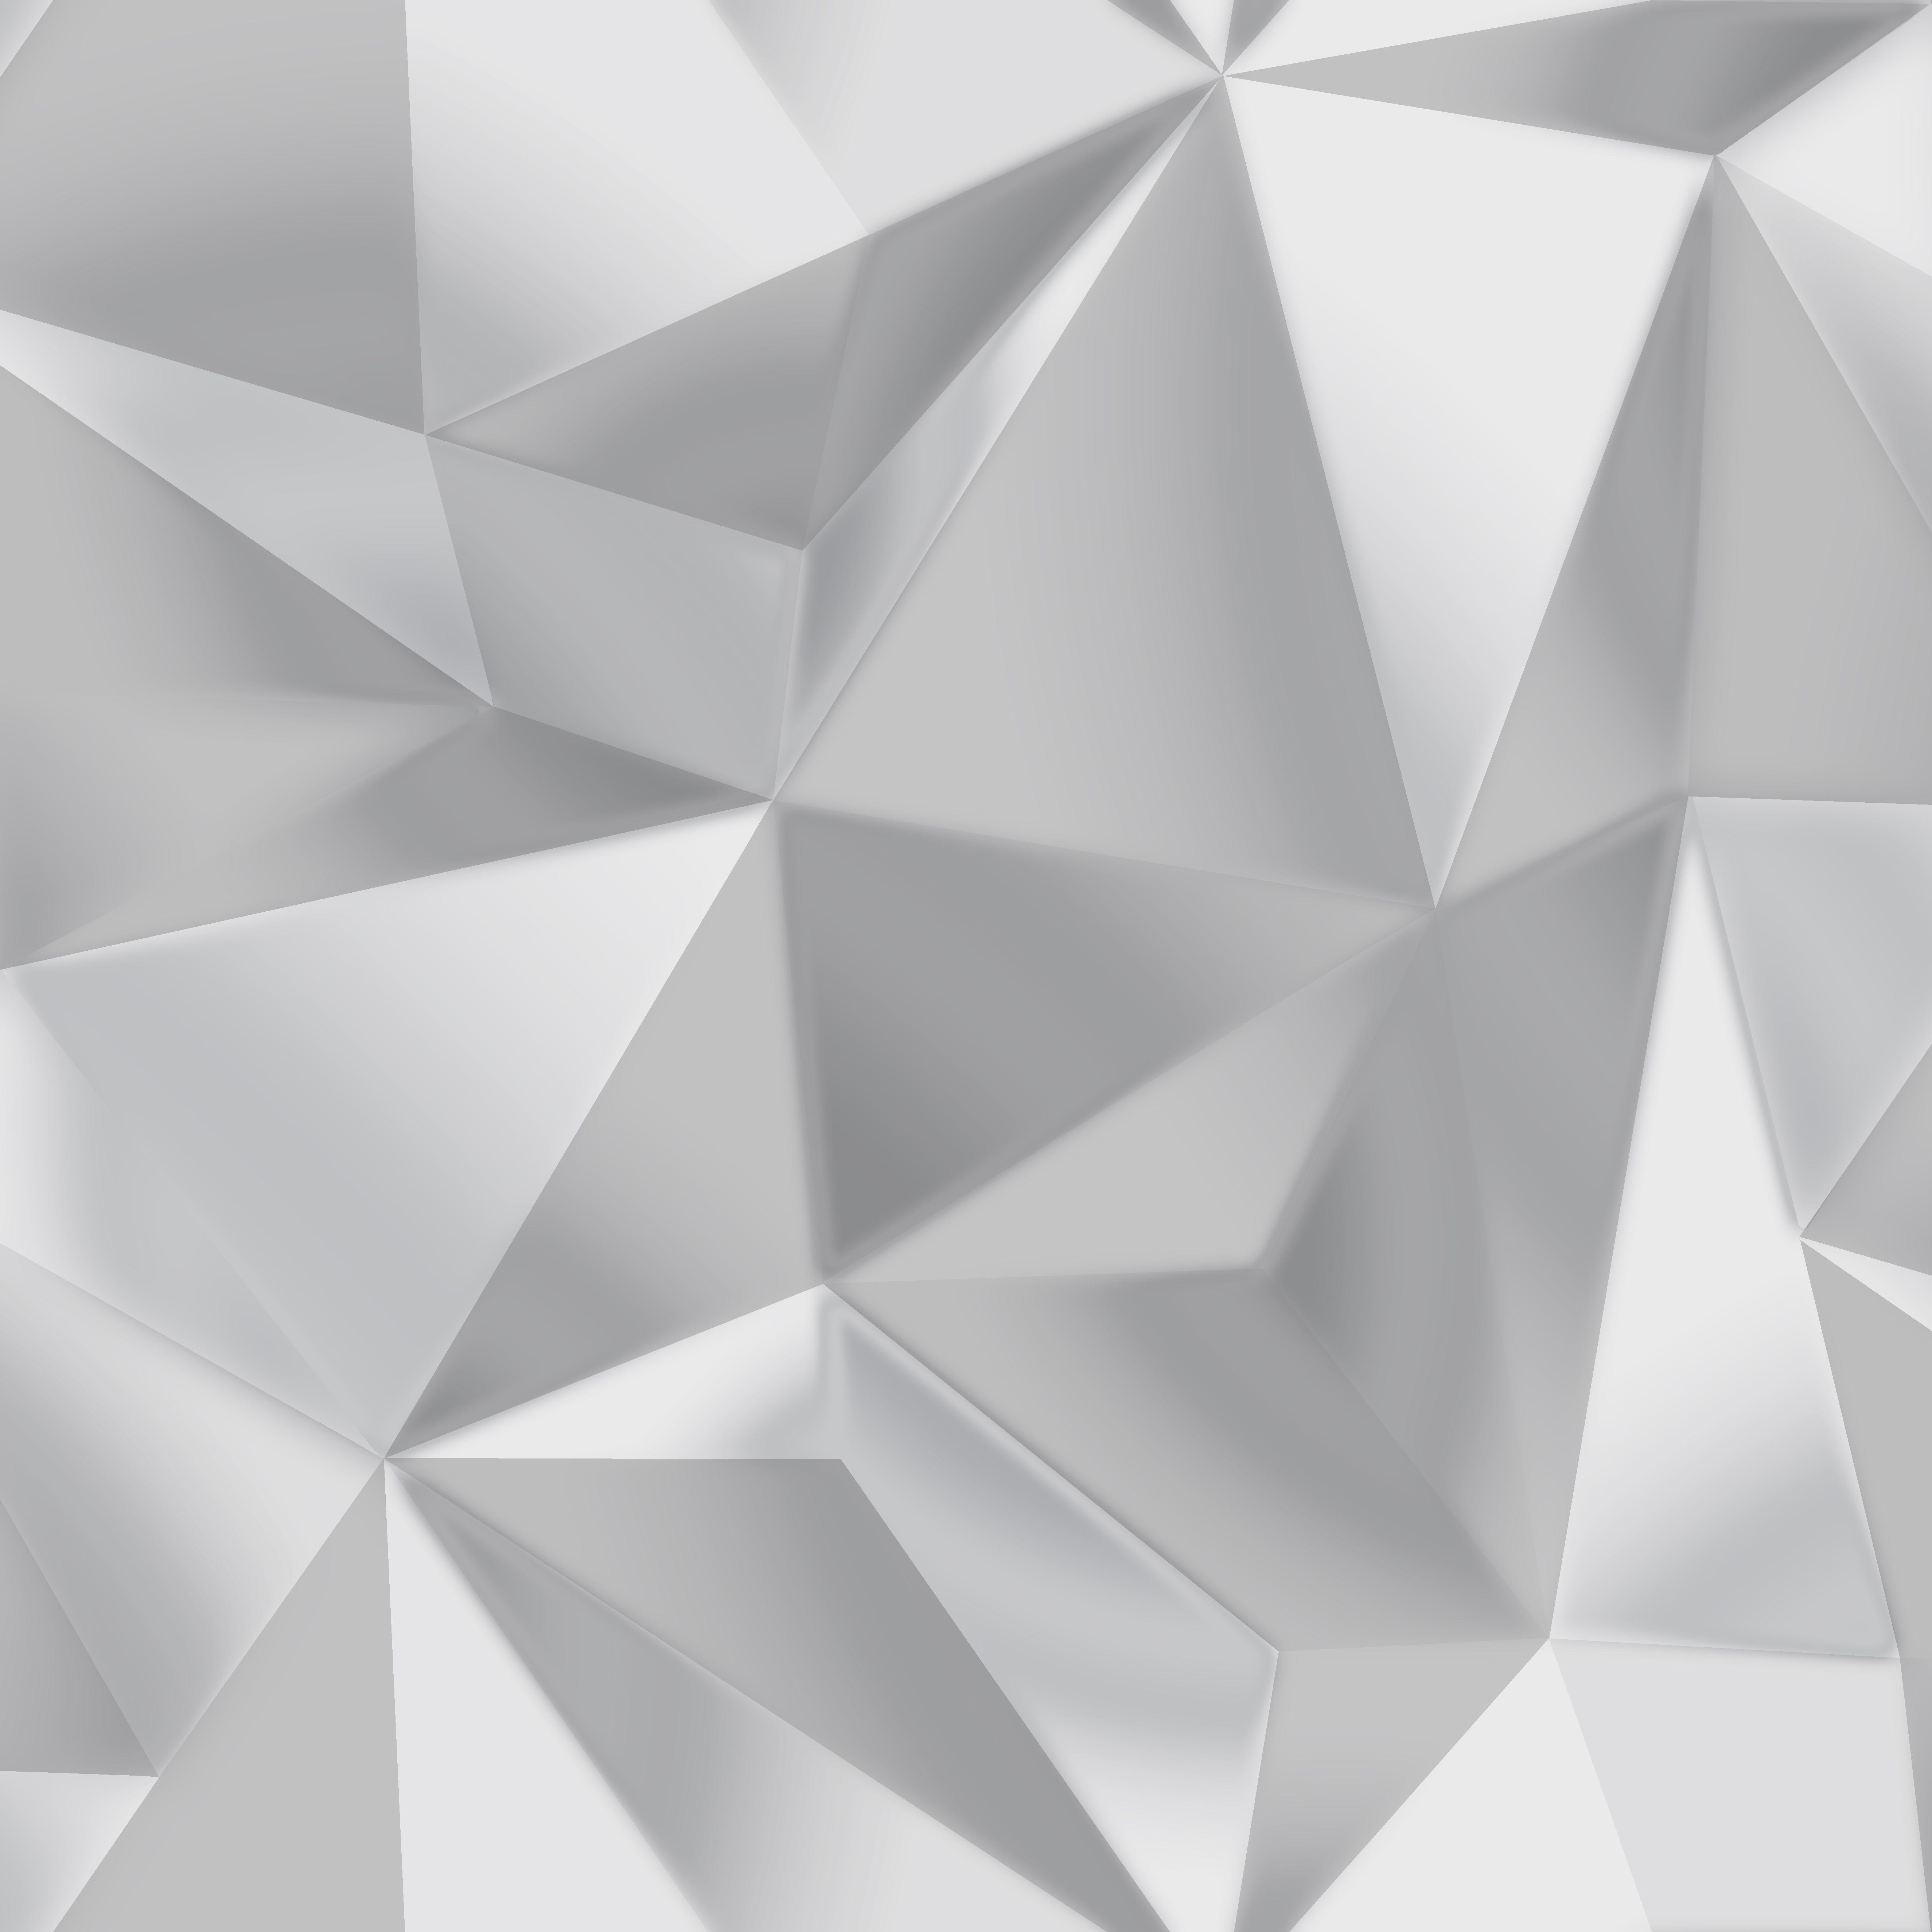 Debona Spectrum Silver Grey 3d Effect Geometric Shape Modern Wallpaper 5020 Geometric Triangle Wallpaper Geometric Pattern Wallpaper Geometric Triangle